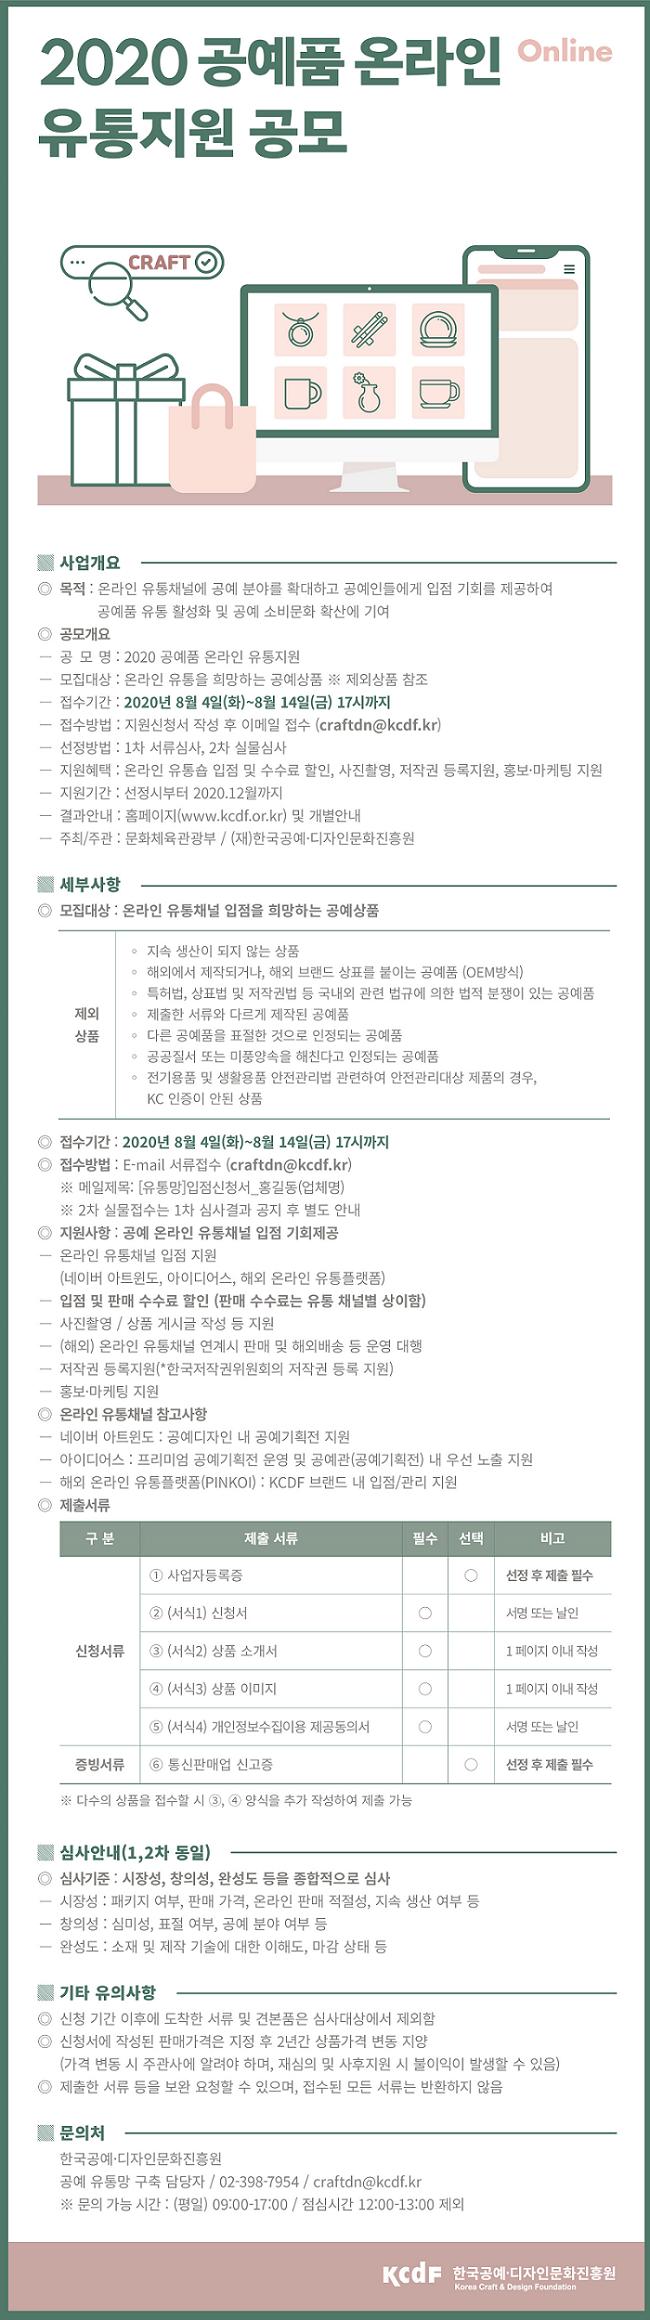 2020008 공예품 온라인 유통지원 공모_650.png